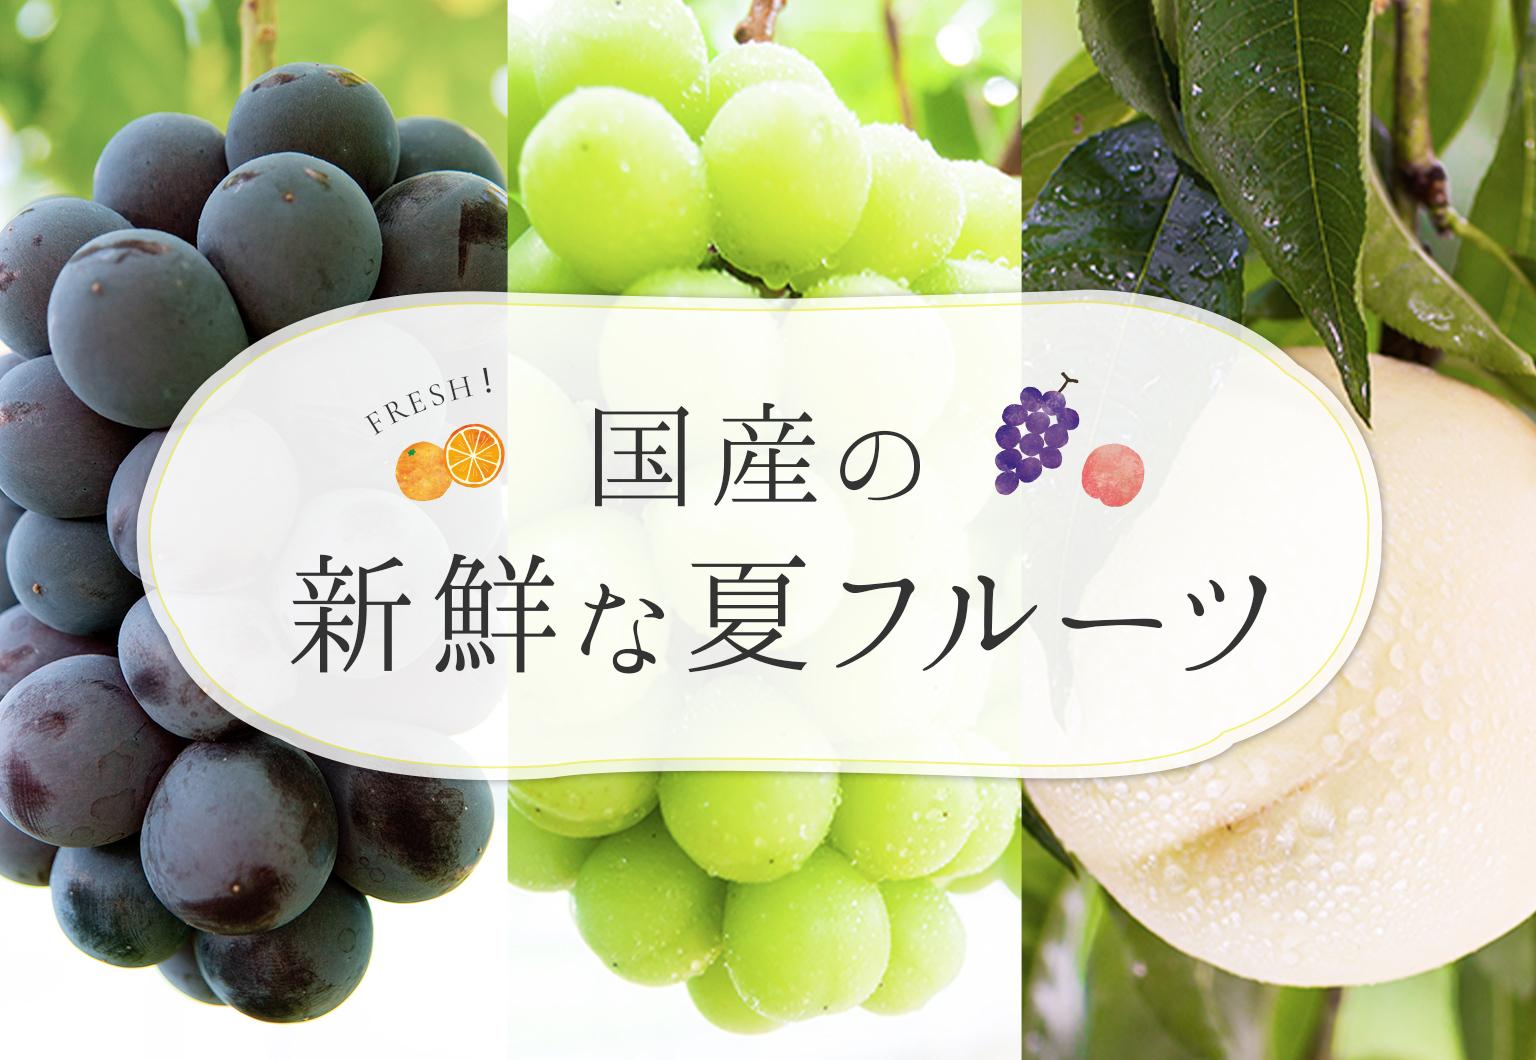 国産の新鮮なフルーツ